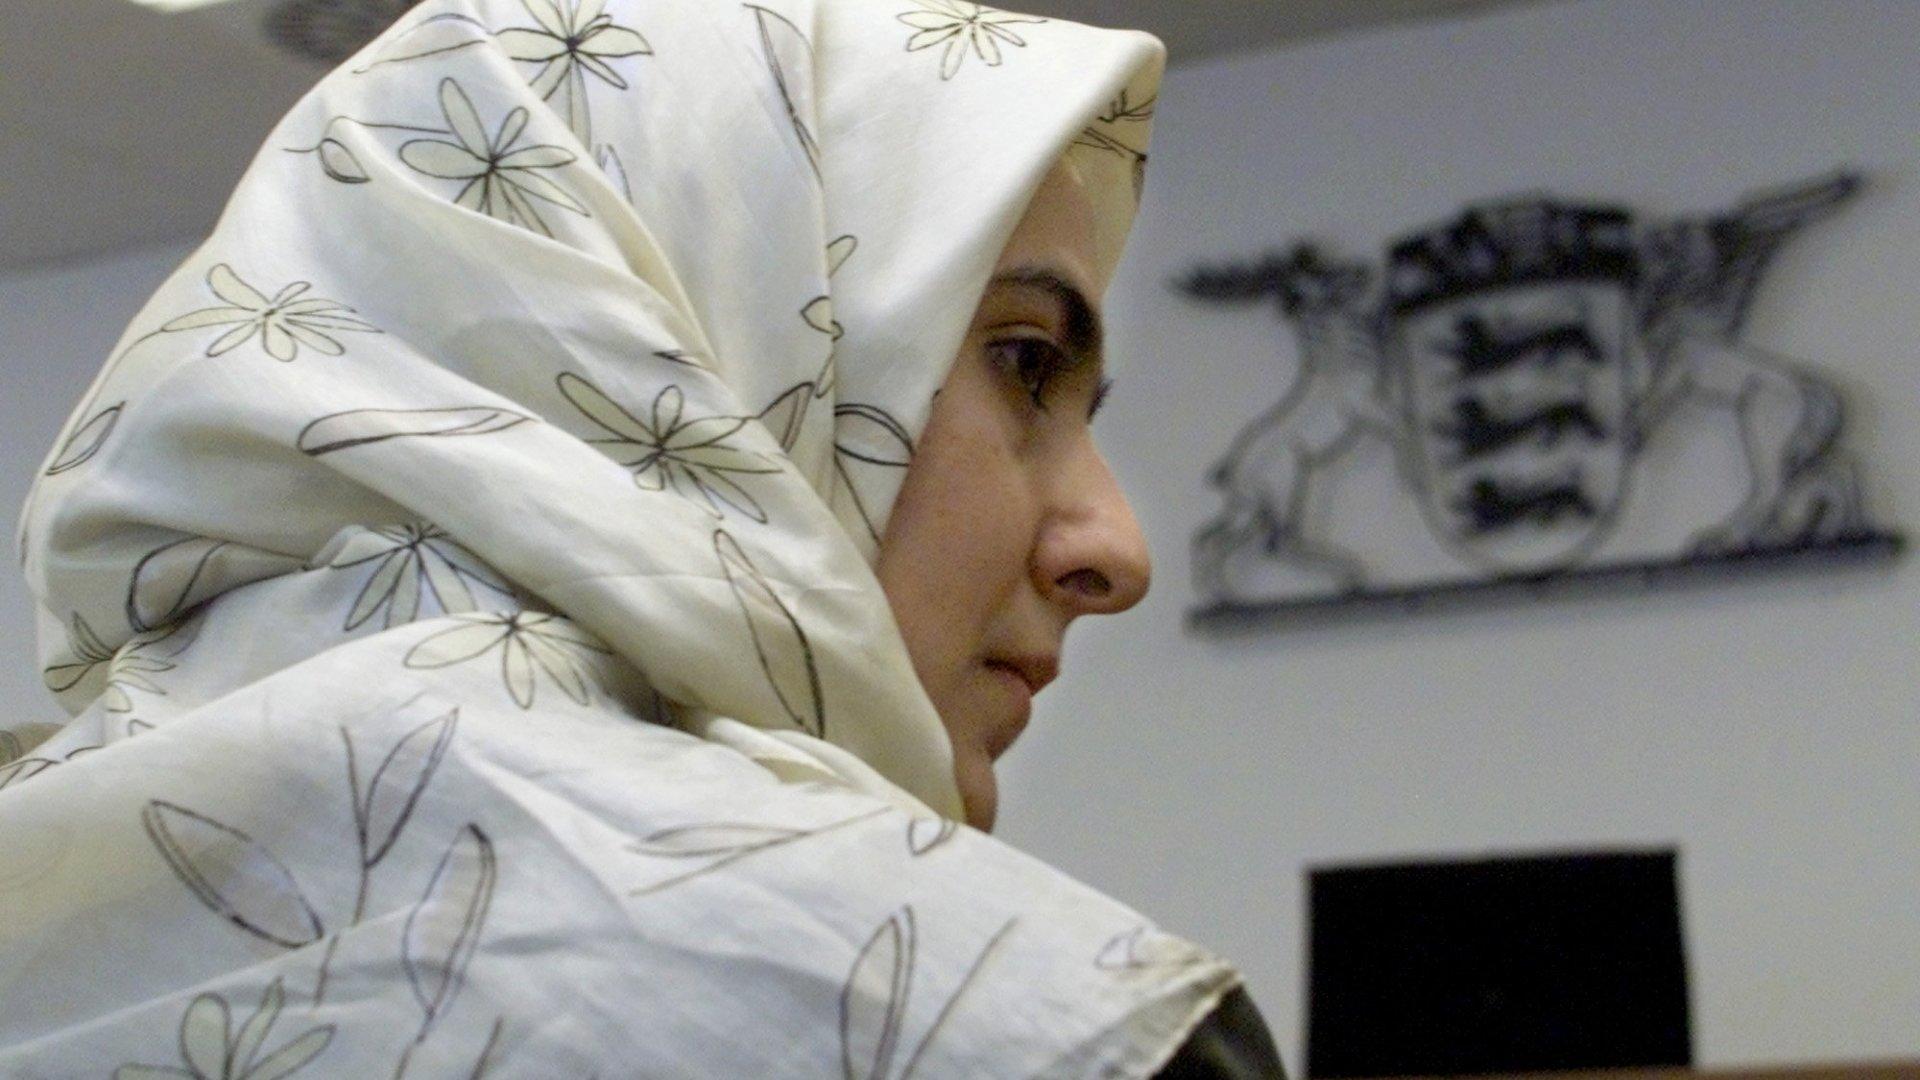 Une fonctionnaire communale qui a des contacts avec le public peut-elle porter le voile ou un autre signe religieux ostentatoire (image d'illustration)?